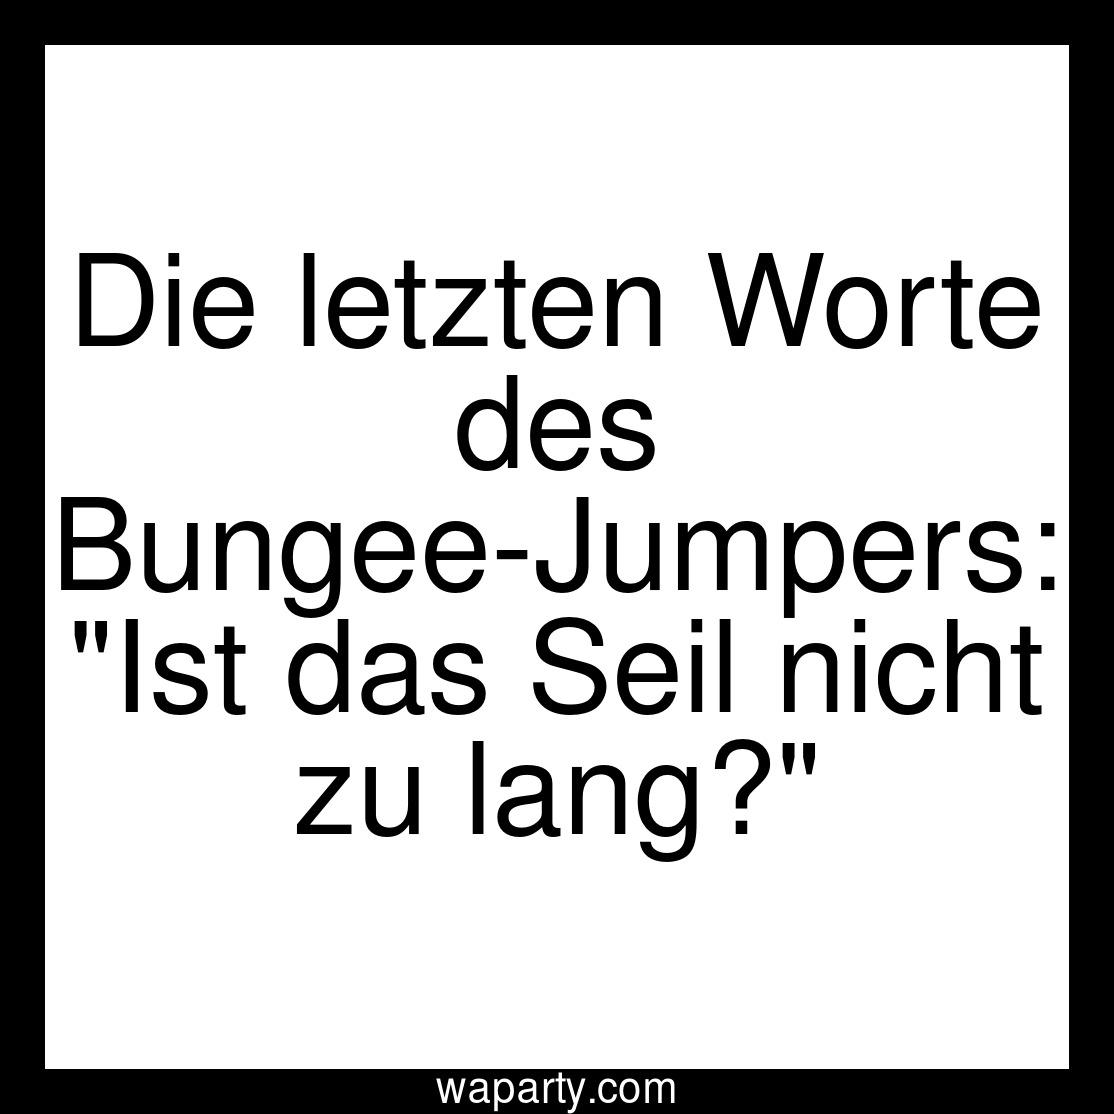 Die letzten Worte des Bungee-Jumpers: Ist das Seil nicht zu lang?